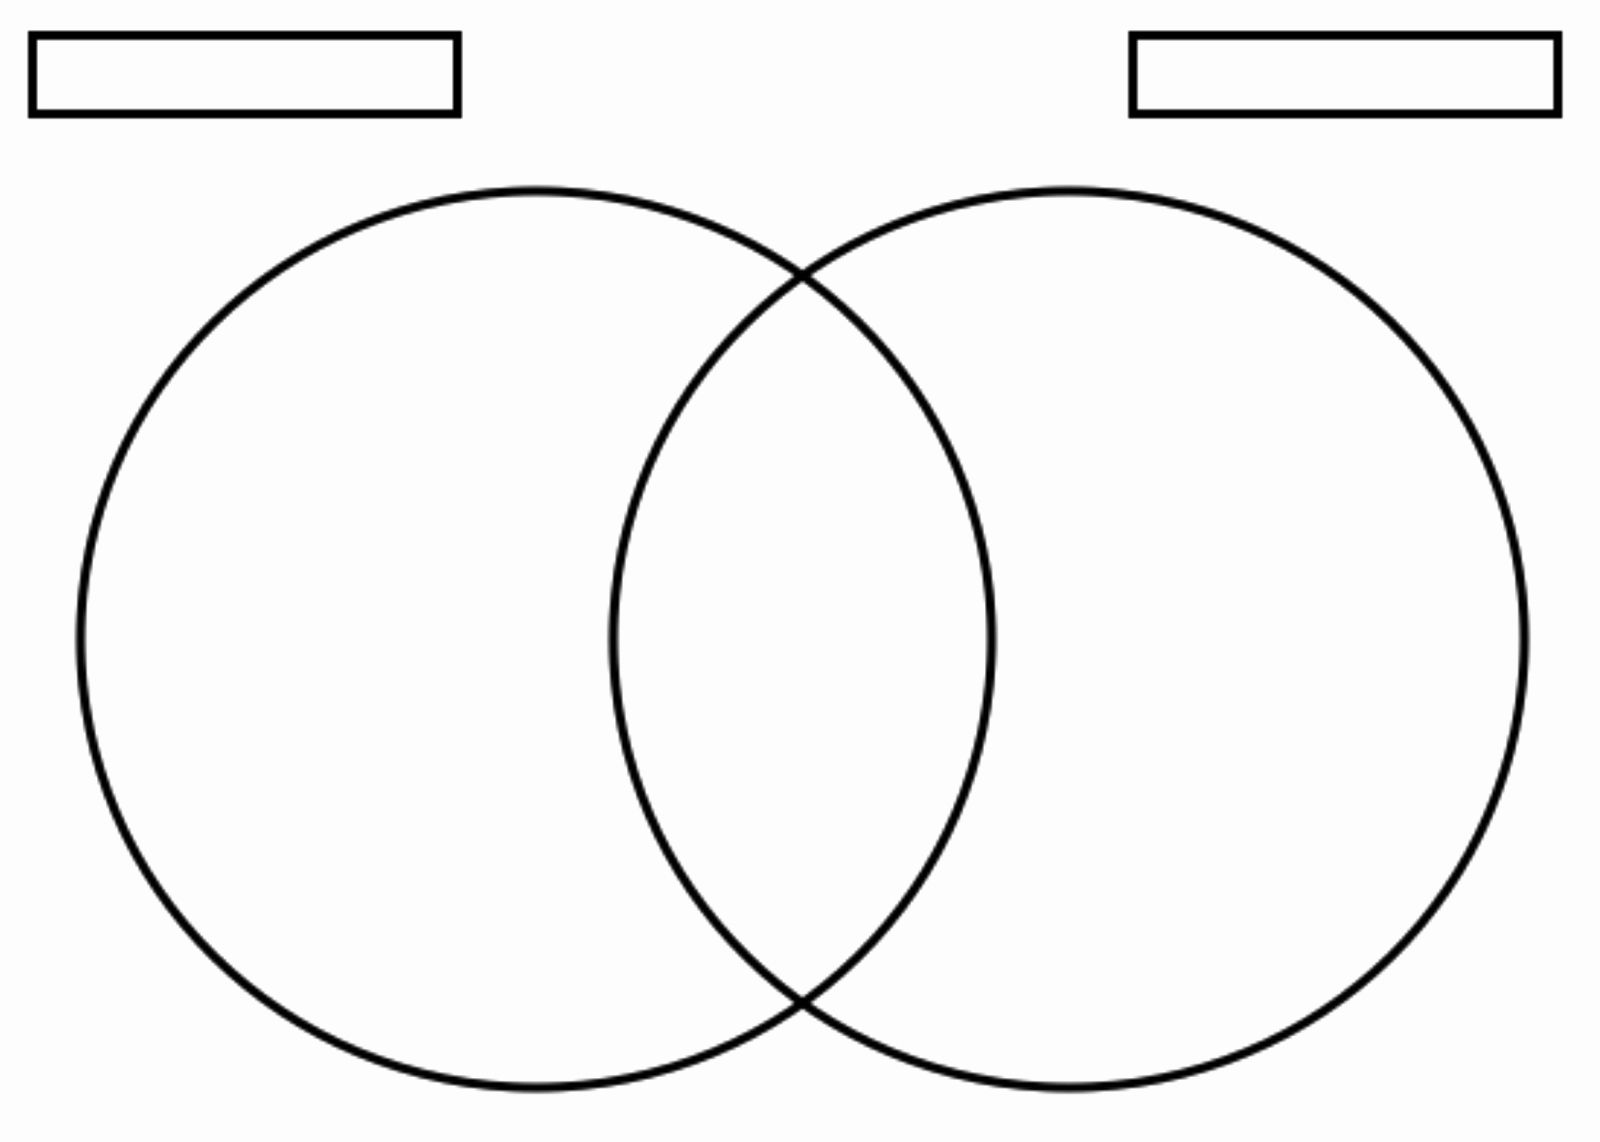 Free Venn Diagram Template Best Of 22 Best Images About Venn Diagrams On Pinterest Example D Venn Diagram Printable Blank Venn Diagram Venn Diagram Worksheet